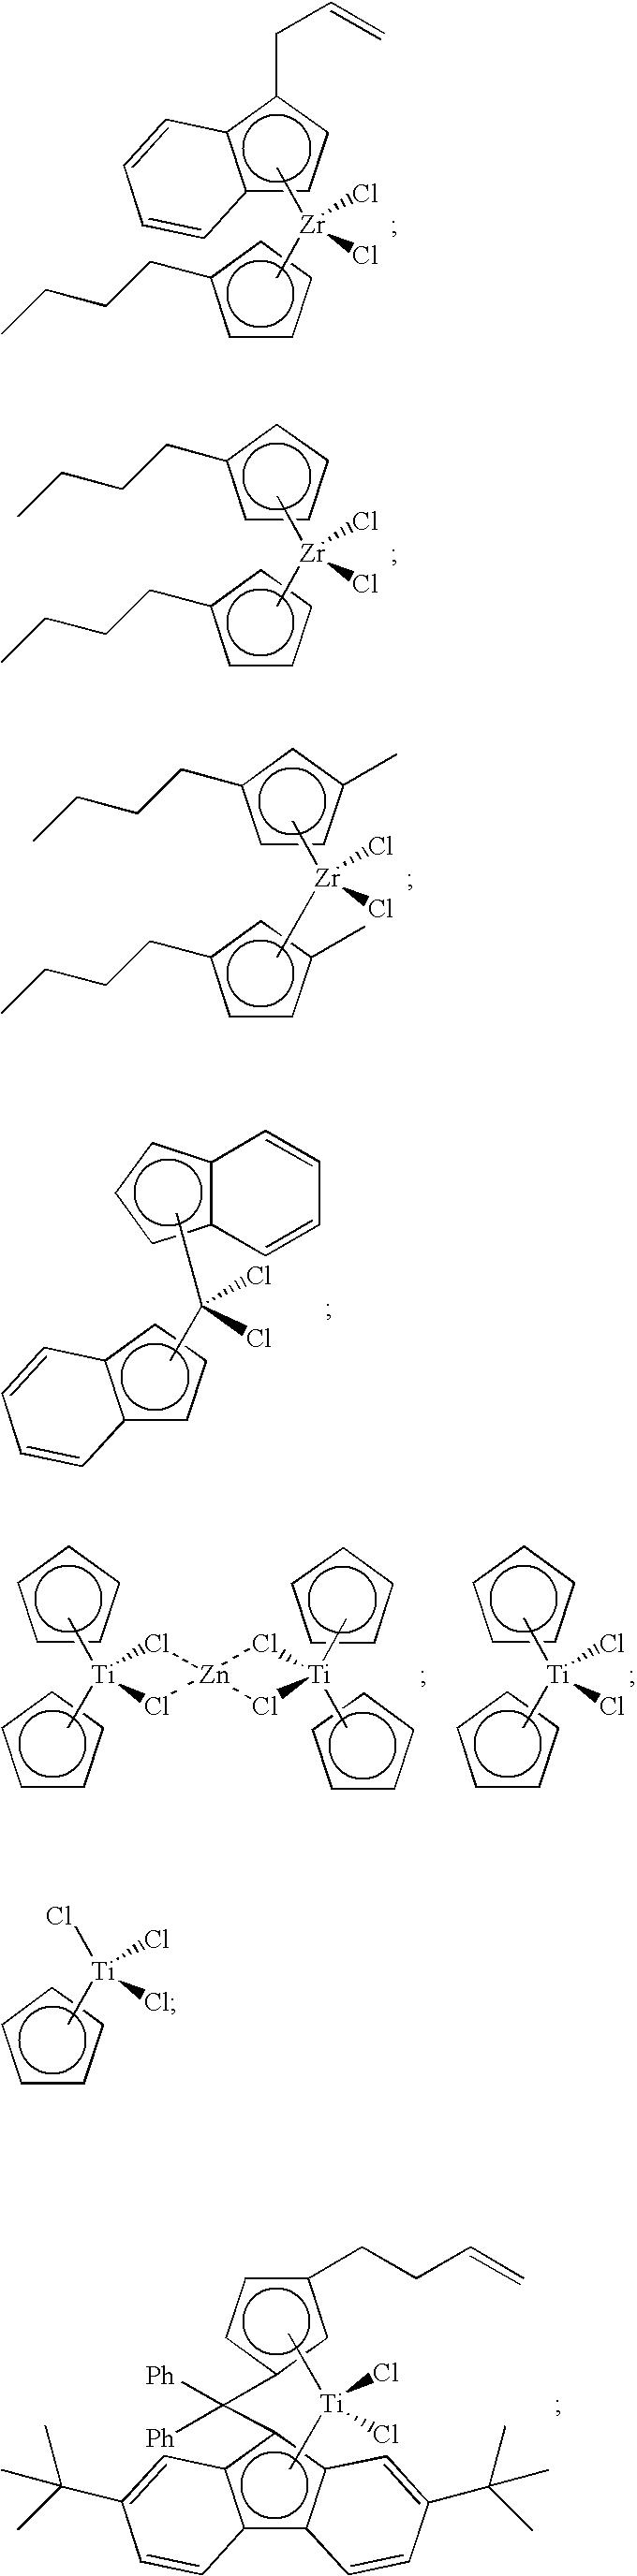 Figure US20100331505A1-20101230-C00046